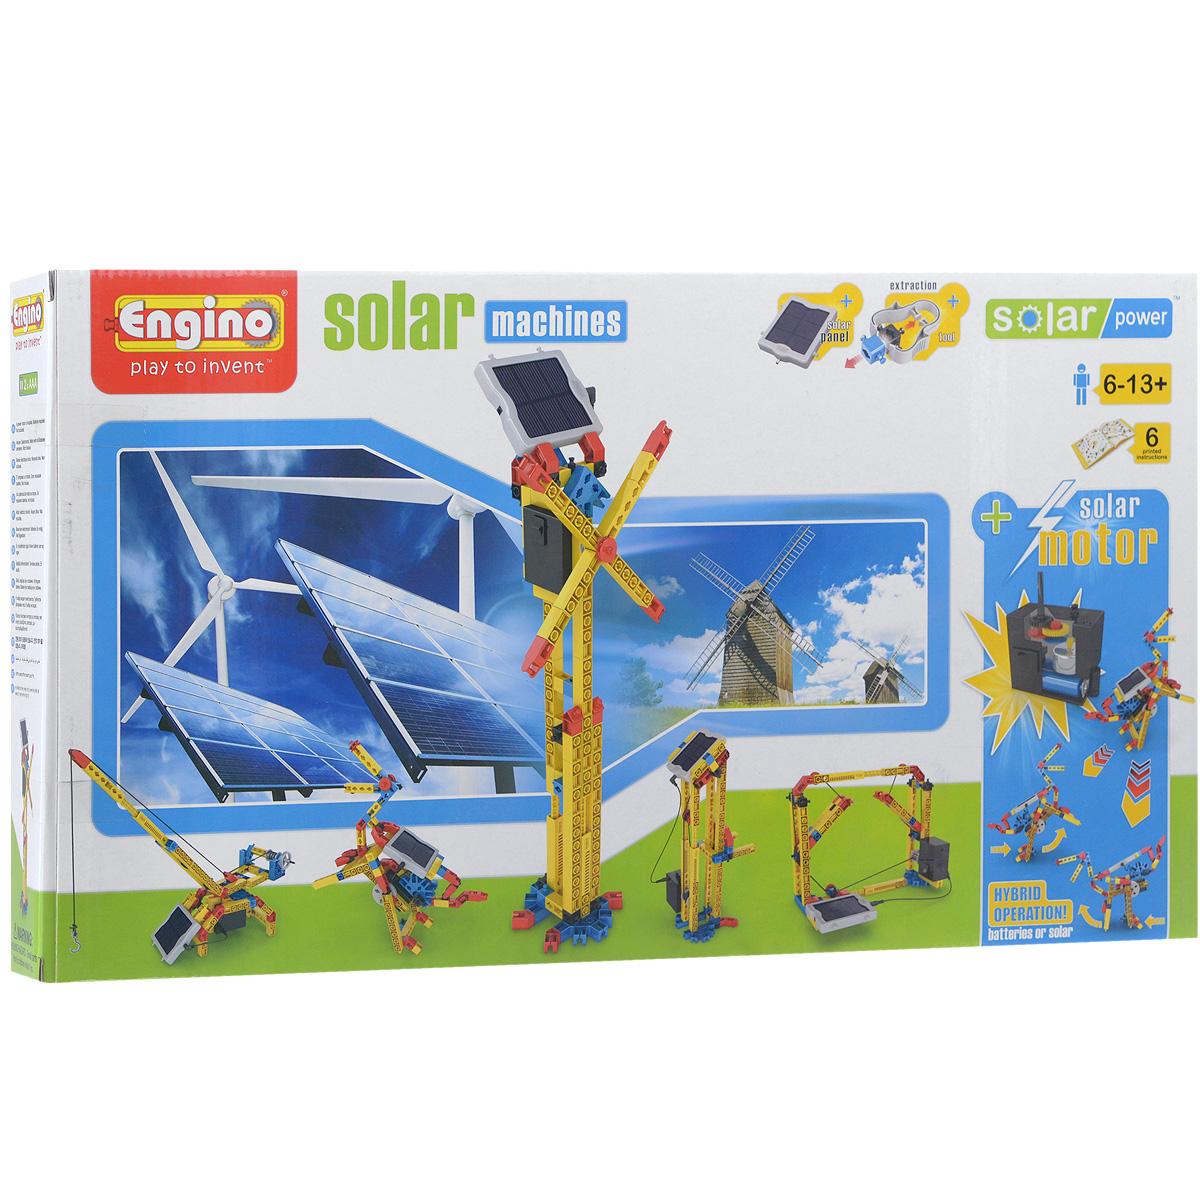 Engino Конструктор MachinesS10С помощью гибридного конструктора Engino Machines ваш ребенок сможет собрать один из 6 вариантов движущихся моделей, работающих как от обычных батареек, так и от солнечной энергии. Комплект включает 115 элементов конструктора, в том числе солнечную батарею, электродвигатель, 4 резиновых покрышки, инструмент для моментального разъединения мелких деталей, а также красочную схематичную инструкцию по сборке. Модели можно собрать по прилагаемой инструкции или сконструировать свои, подключив воображение. Игры с конструктором помогут ребенку развить воображение, внимательность, пространственное мышление и творческие способности. Необходимо докупить 2 батарейки напряжением 1,5V типа ААА/LR03 (не входят в комплект).